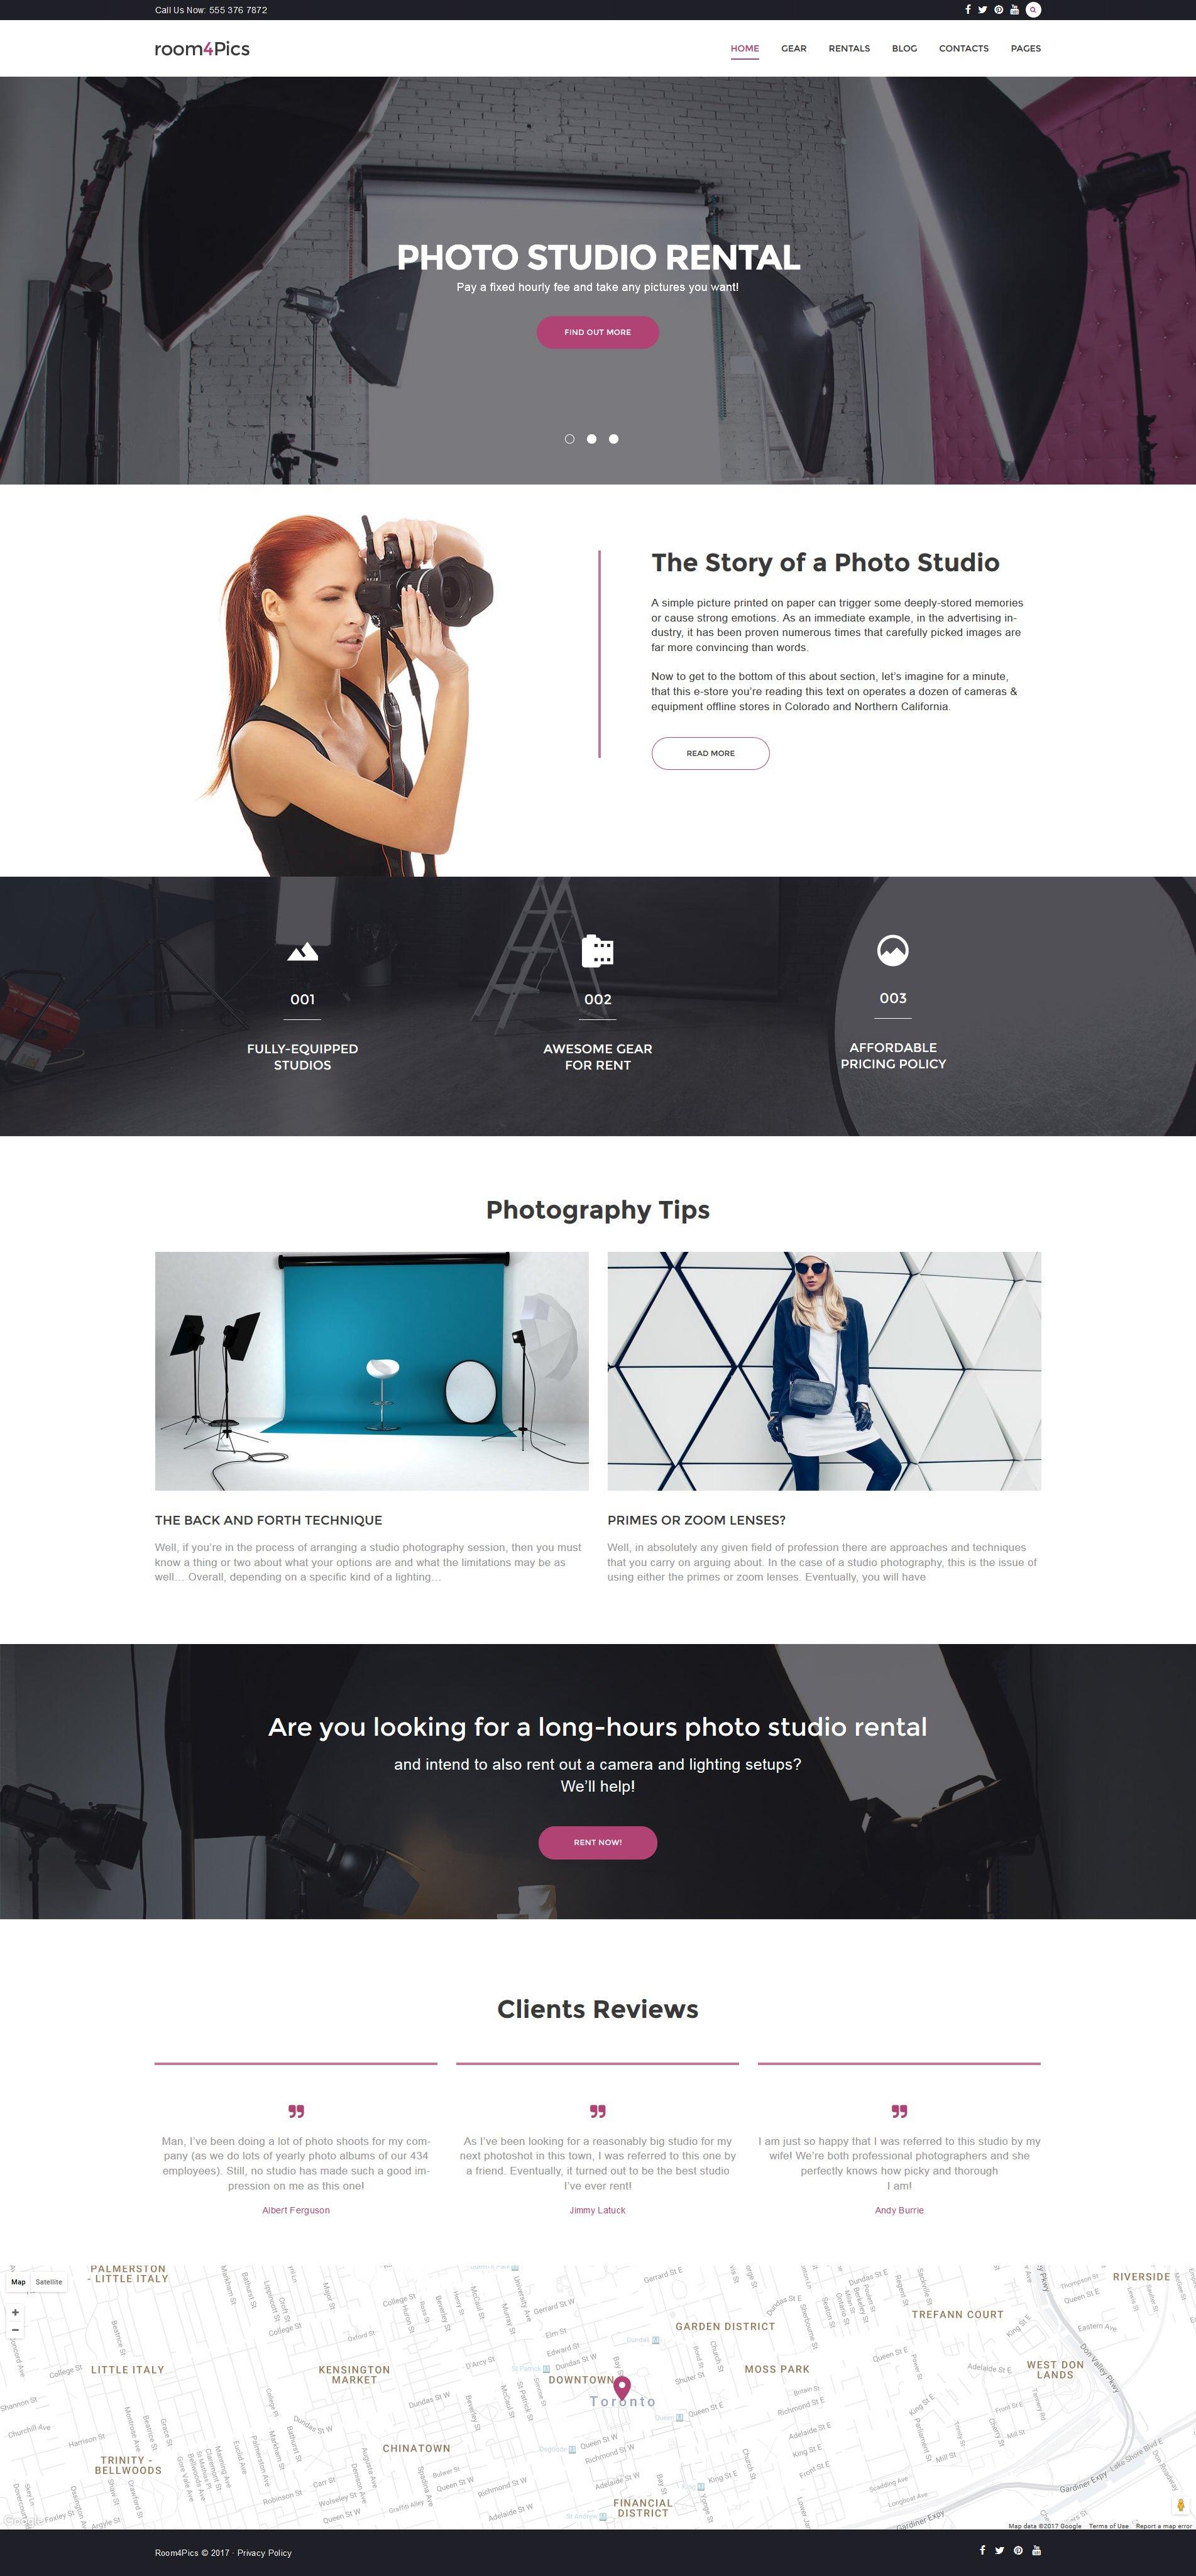 Reszponzív Room4Pics - Photo Studio Rental WordPress sablon 59025 - képernyőkép